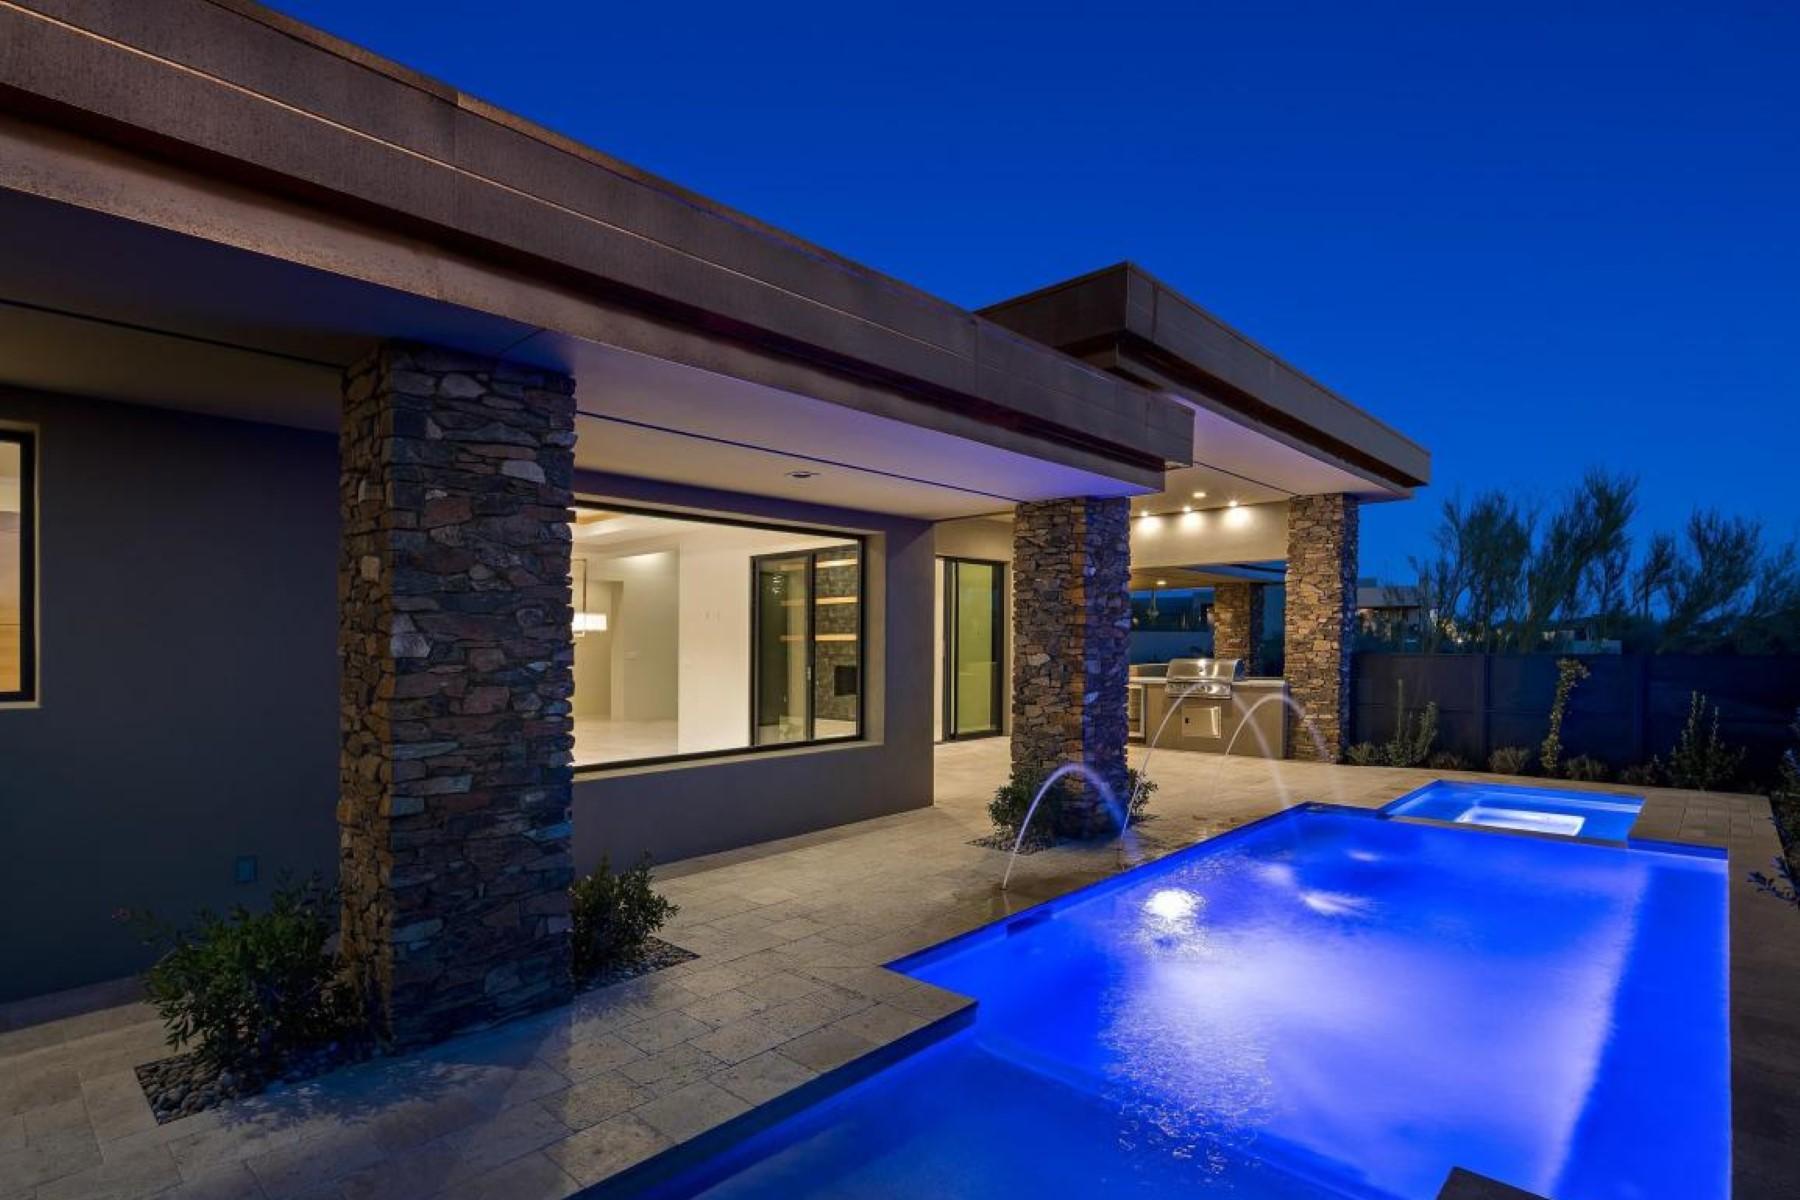 独户住宅 为 销售 在 New Contemporary Home 39593 N 104TH ST, 斯科茨代尔, 亚利桑那州, 85262 美国